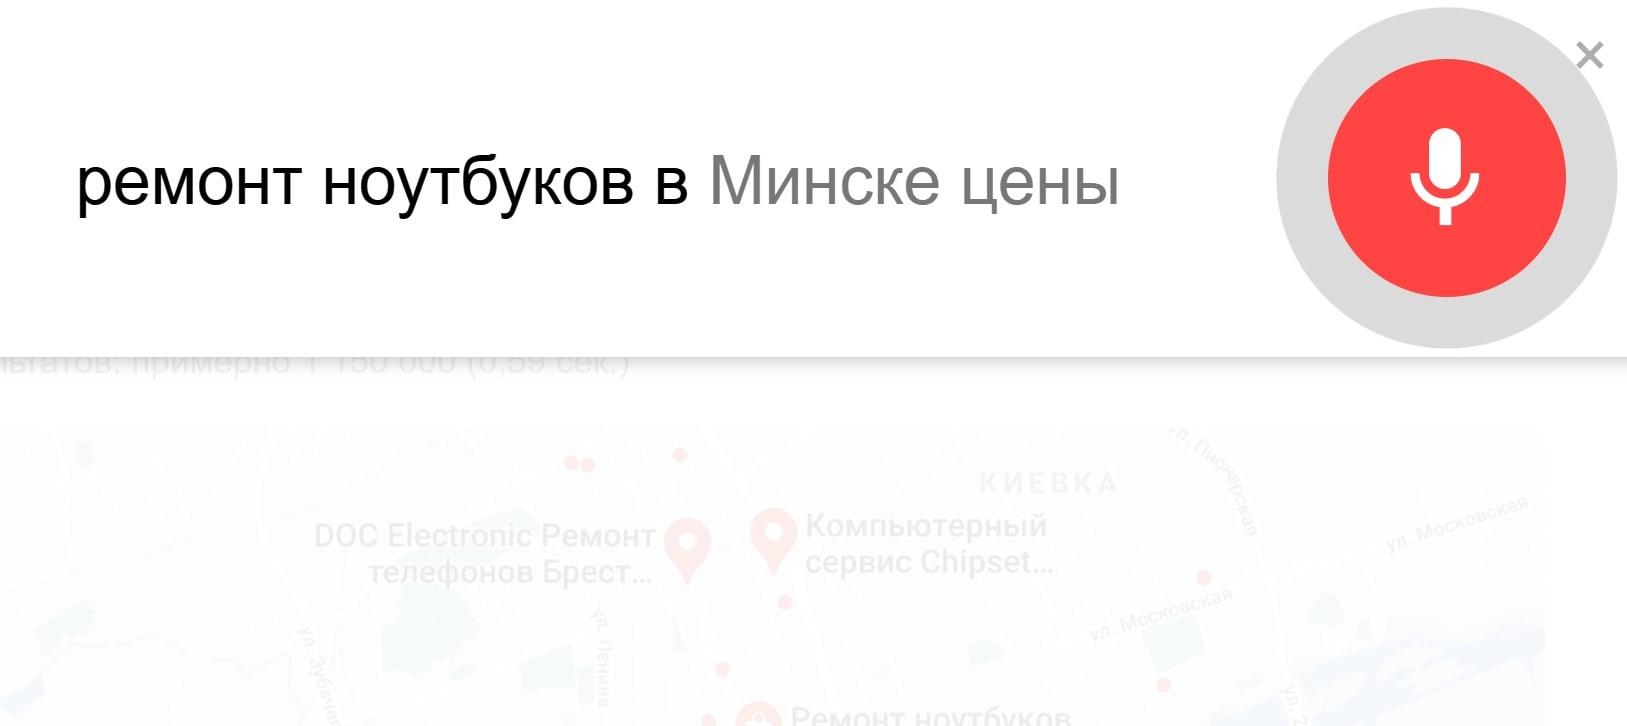 Пользовательского интерфейса голосового поиска Google